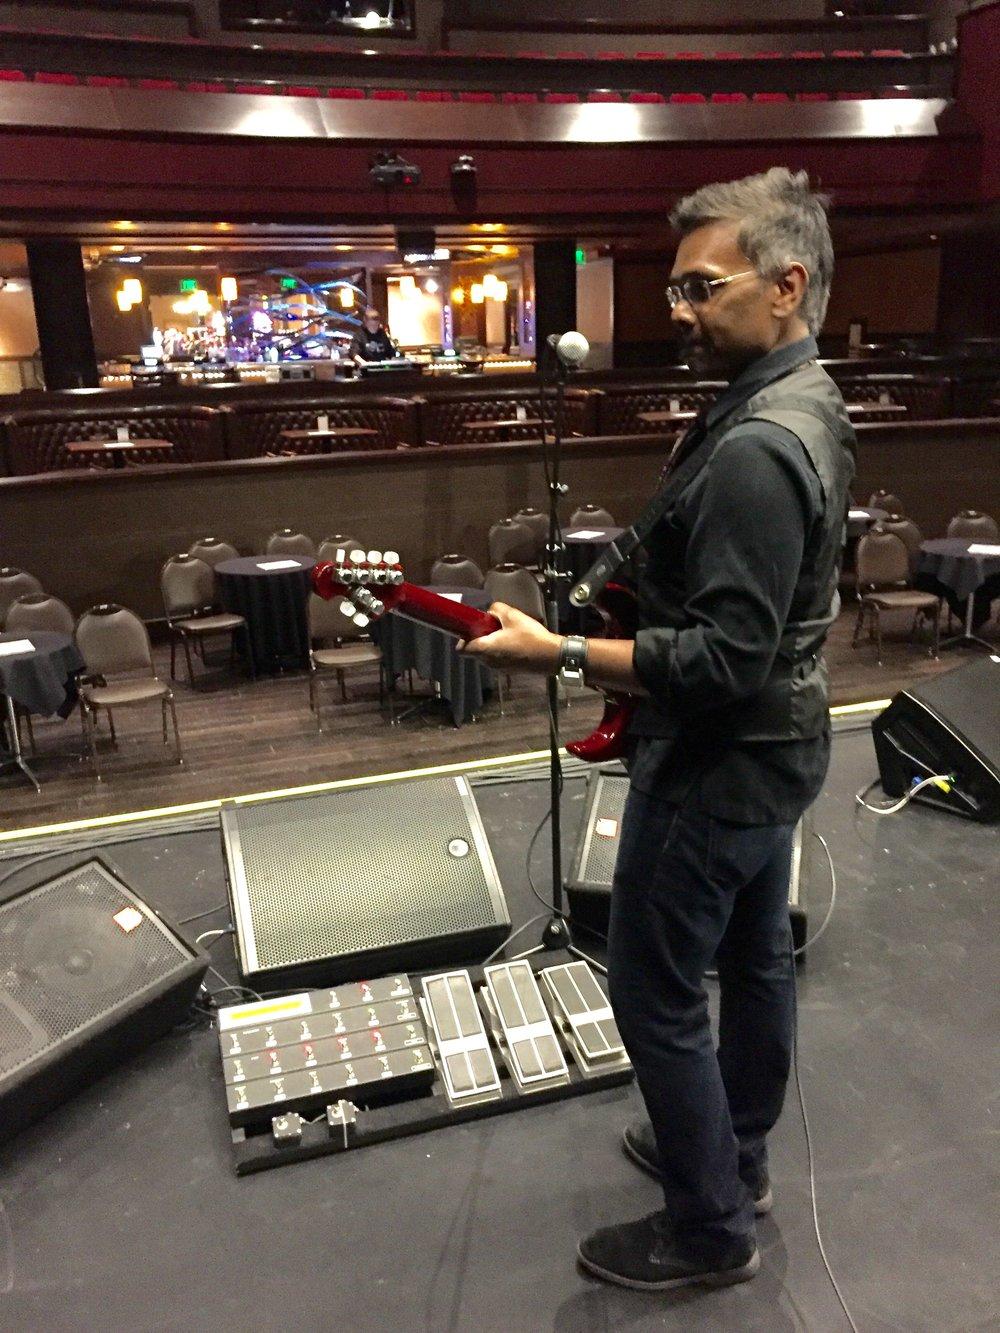 Sound check at Diamond Joe Casino in Dubuque, IA.